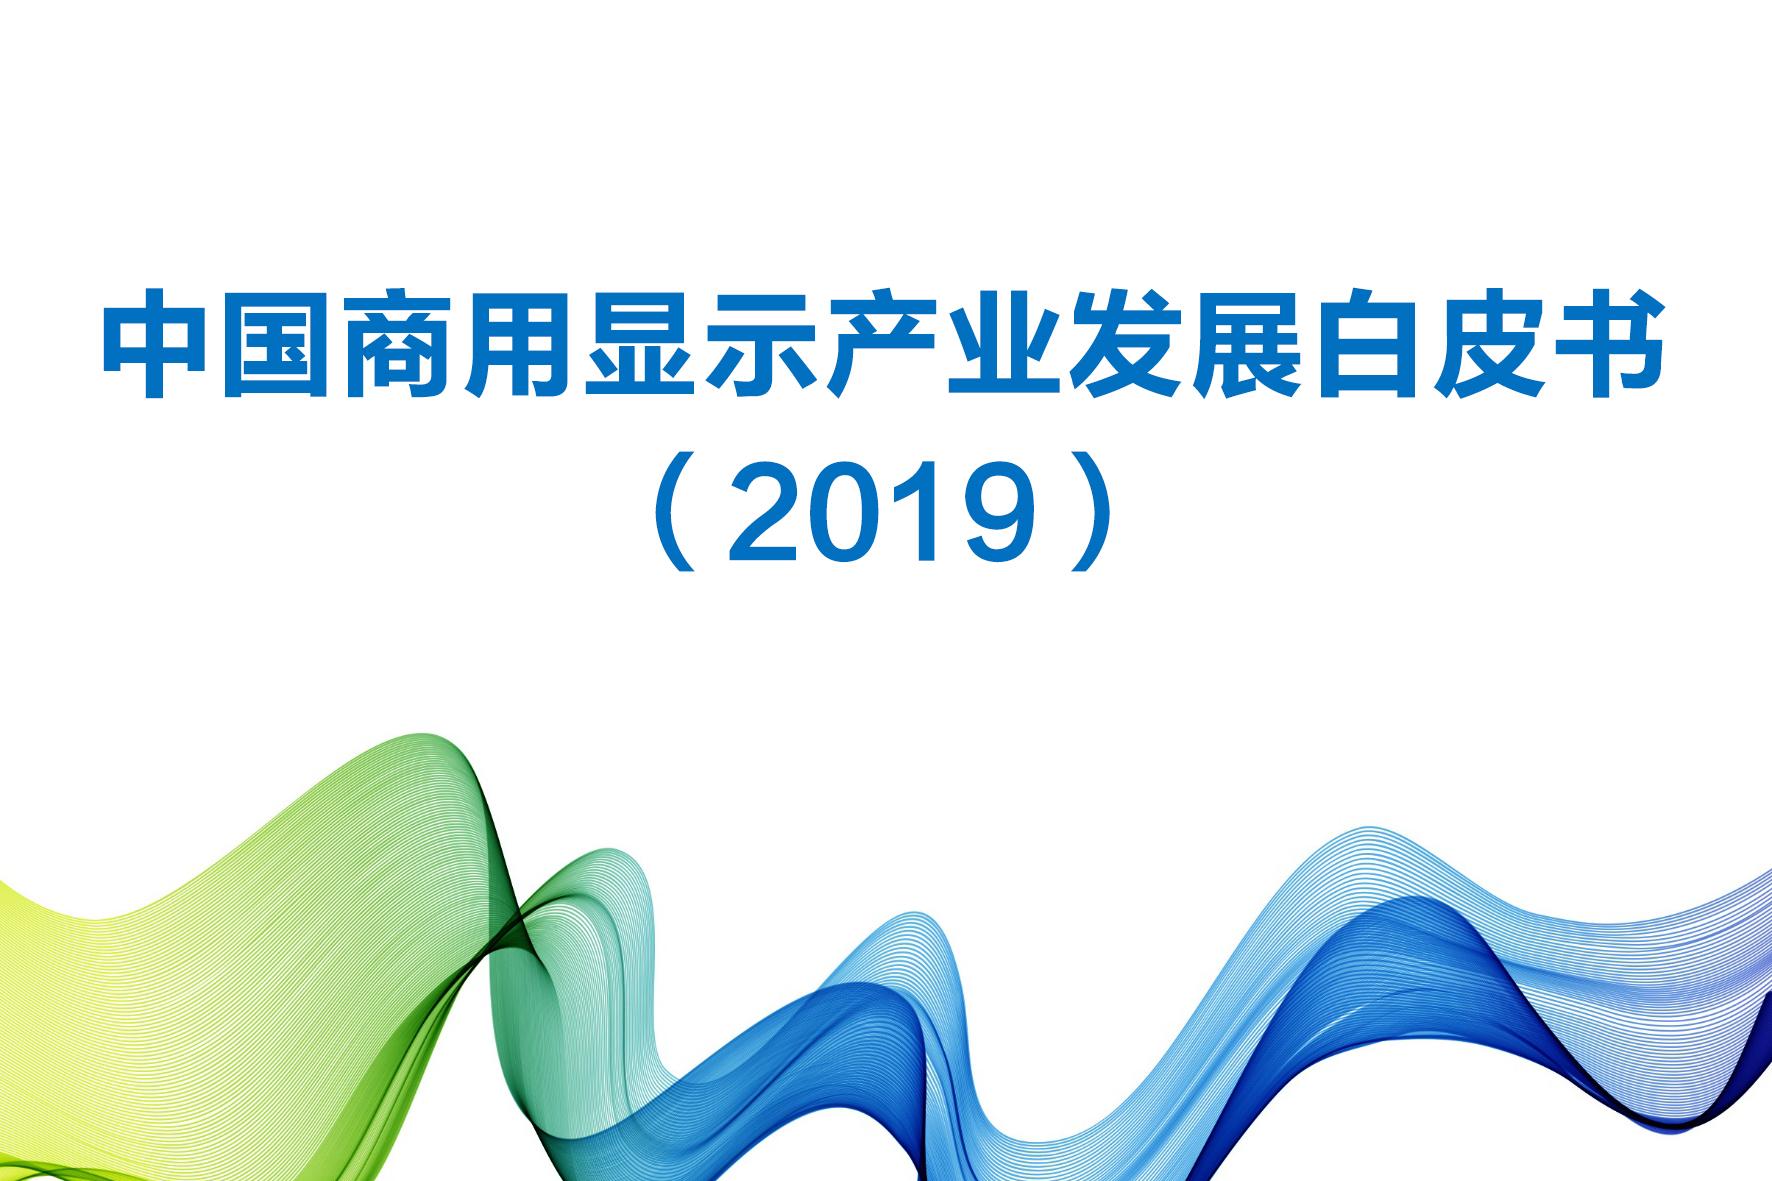 《2019年中国商用显示产业发展白皮书》重磅发布 盘点